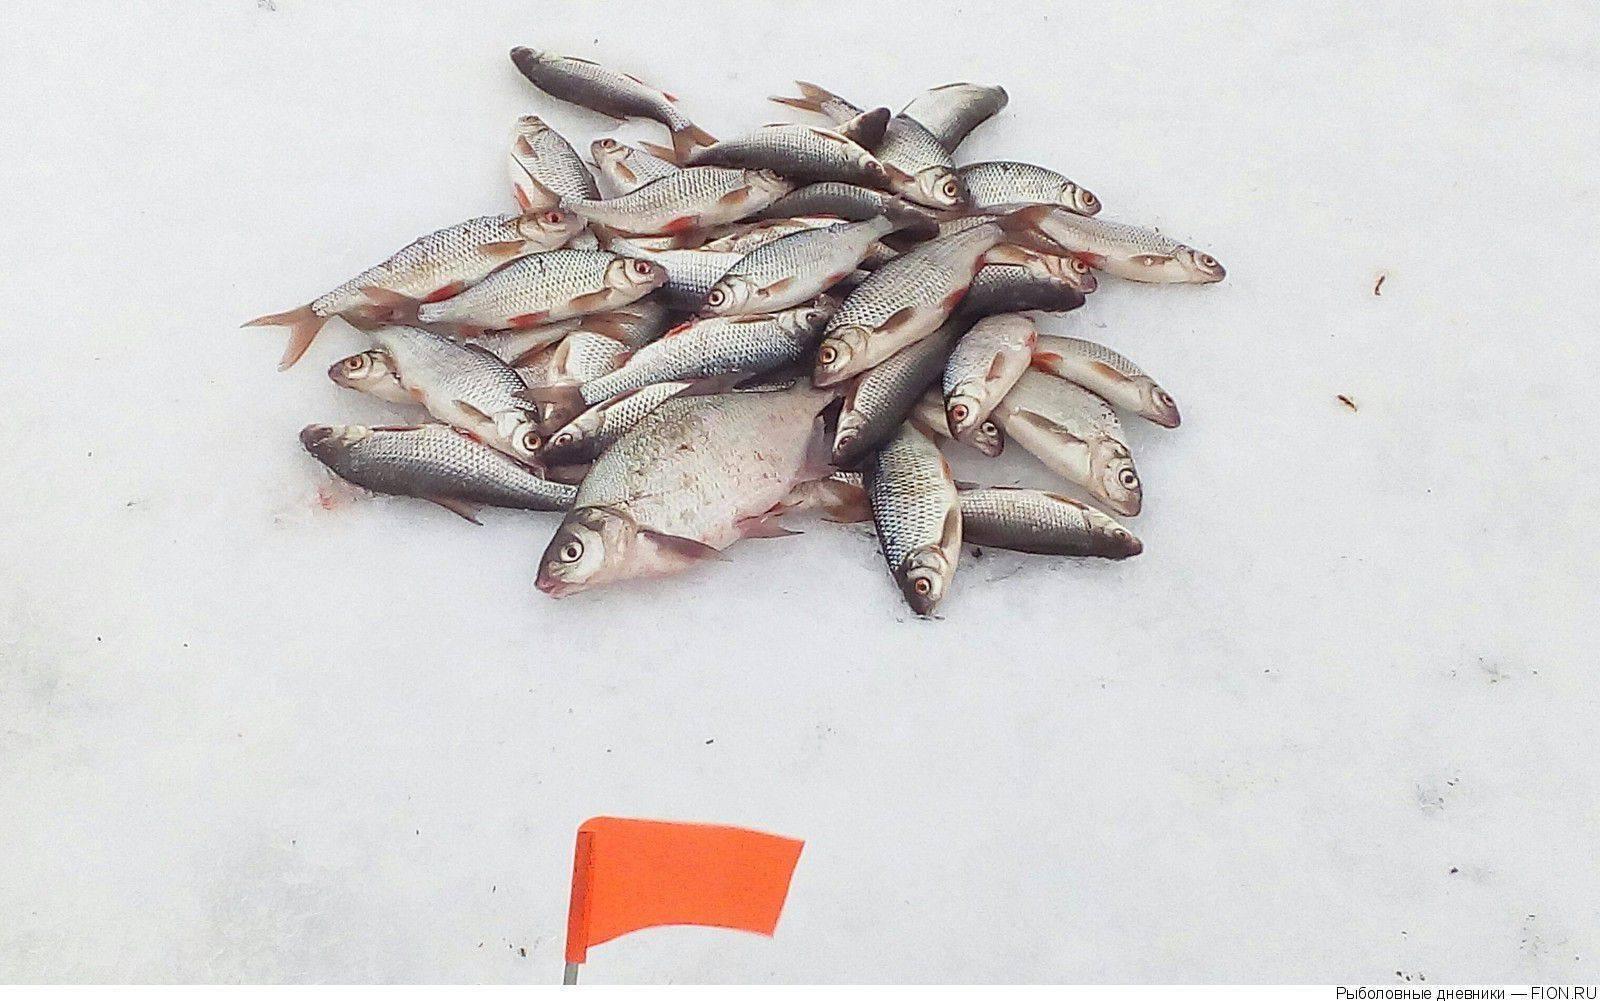 Отзывы о рыбалке на можайском водохранилище и базы для рыбаков – суперулов – интернет-портал о рыбалке